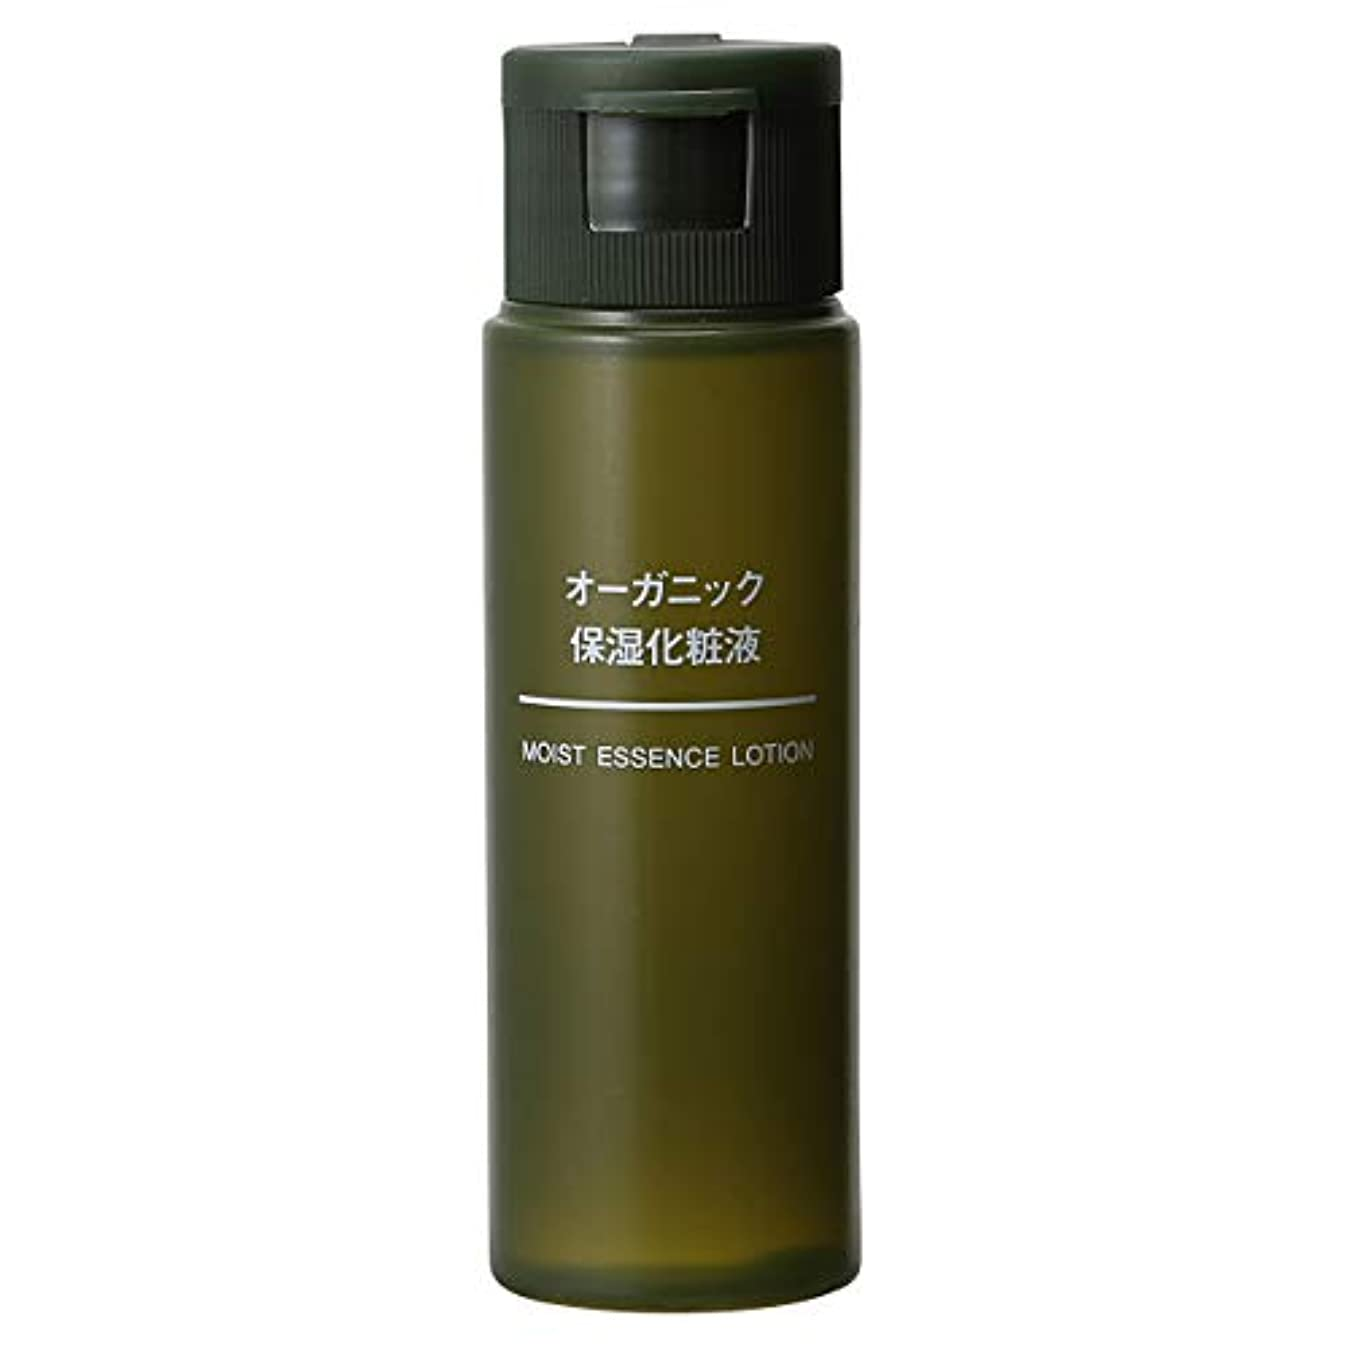 繊毛所持ピアース無印良品 オーガニック保湿化粧液(携帯用) 50ml